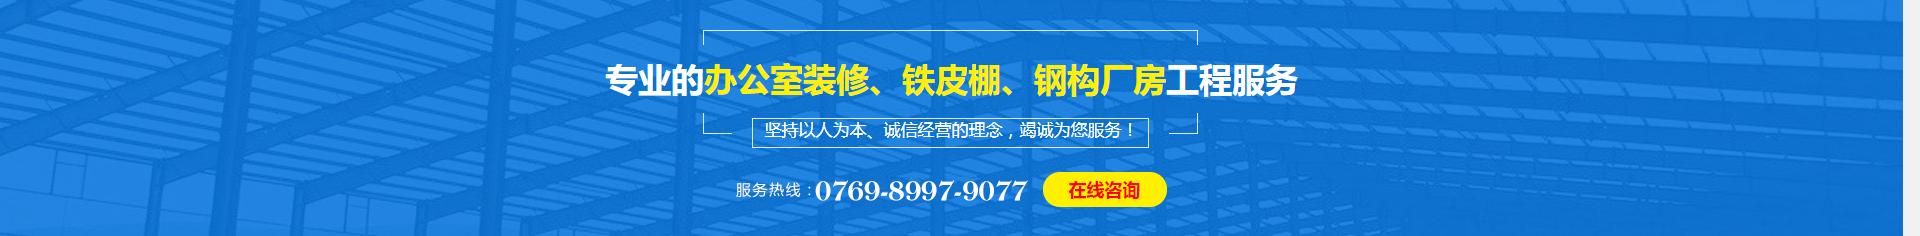 东莞市瑞联装饰工程有限公司